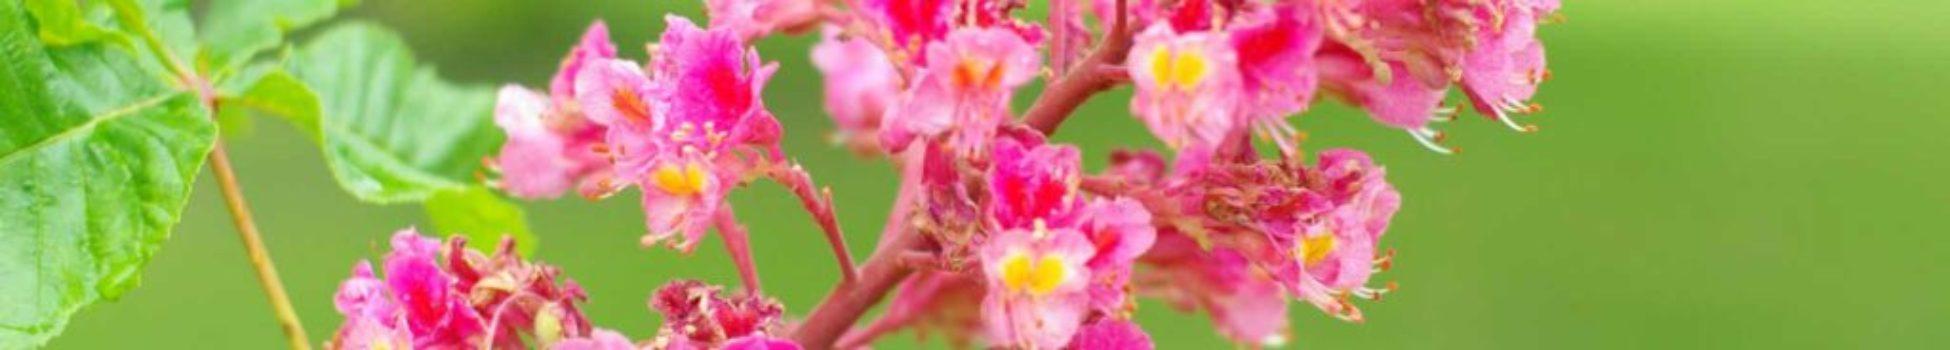 Luz Pura Floral Castaño Rojo-Independencia. Curso Online